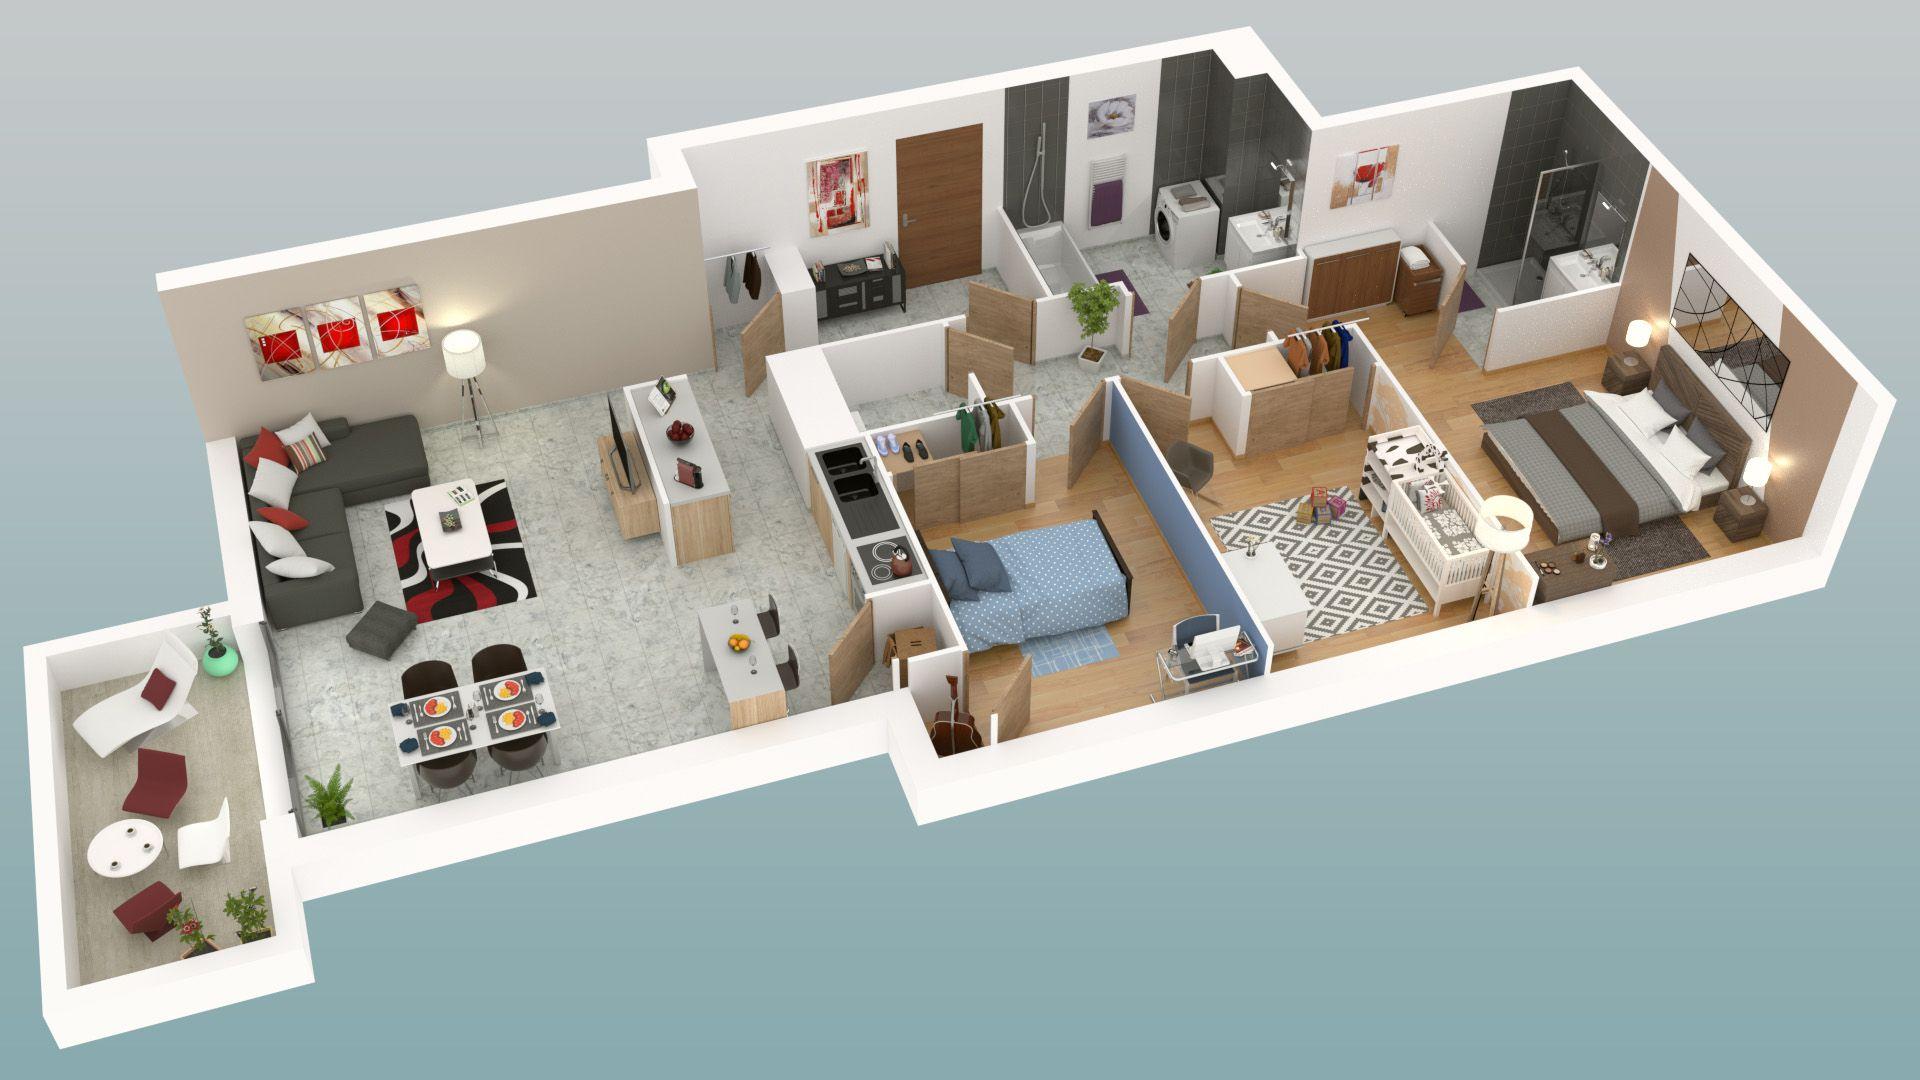 Plan 3d dun appartement 4 pièces de la résidence le clos de la saffreniere